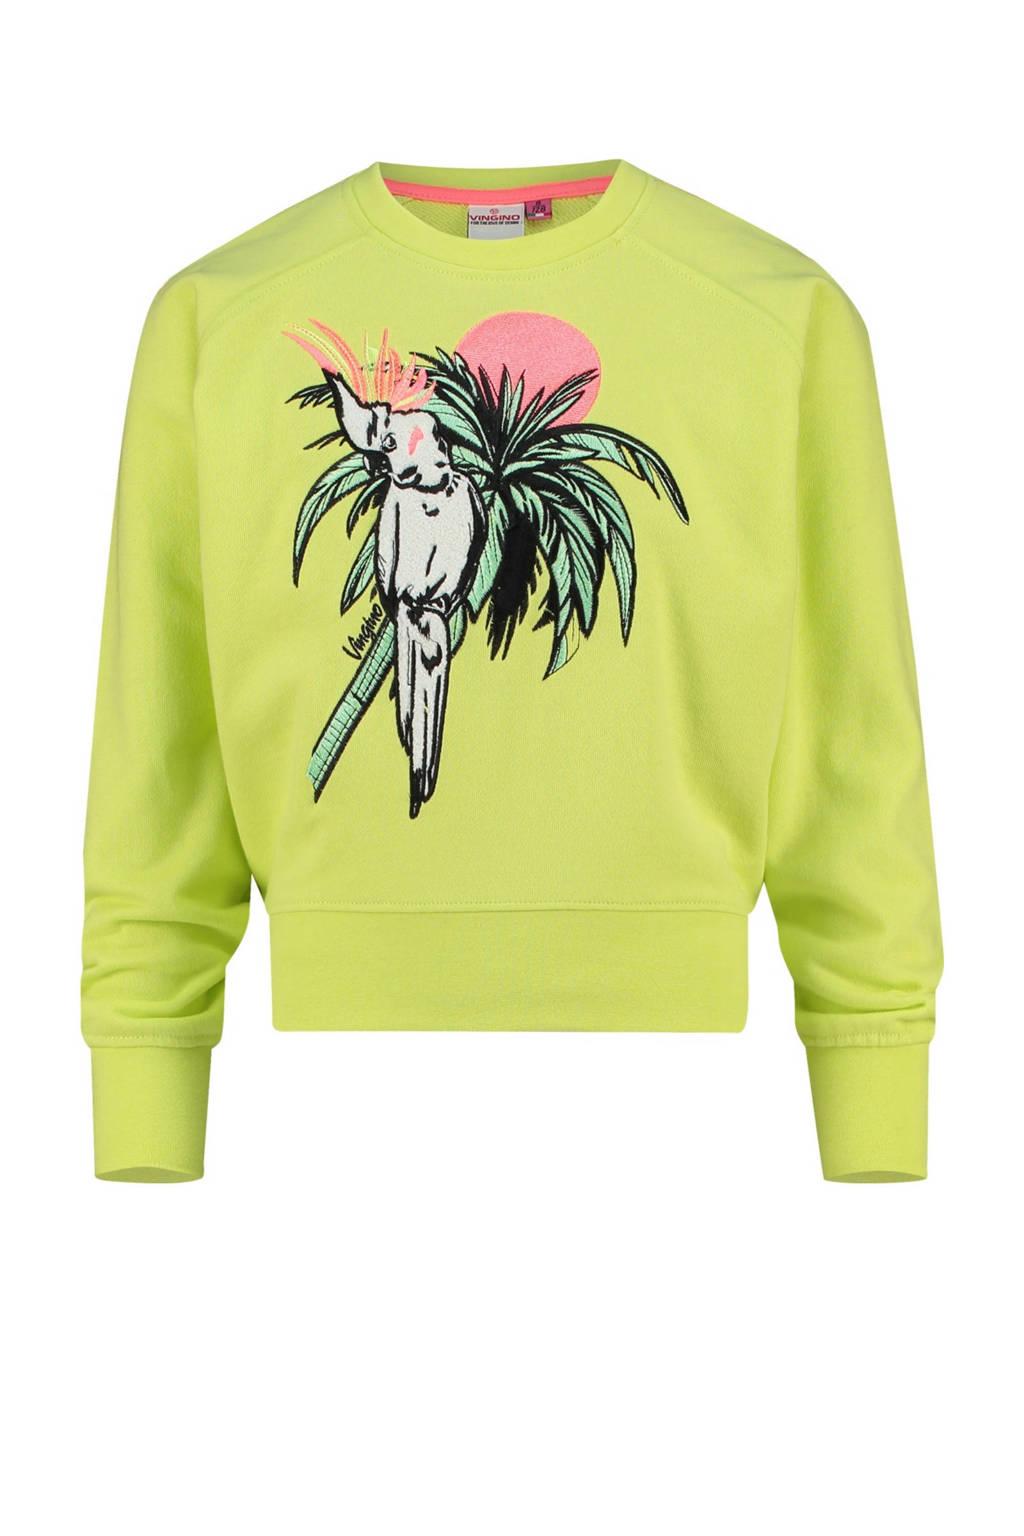 Vingino sweater Nareva met printopdruk neon geel, Neon geel